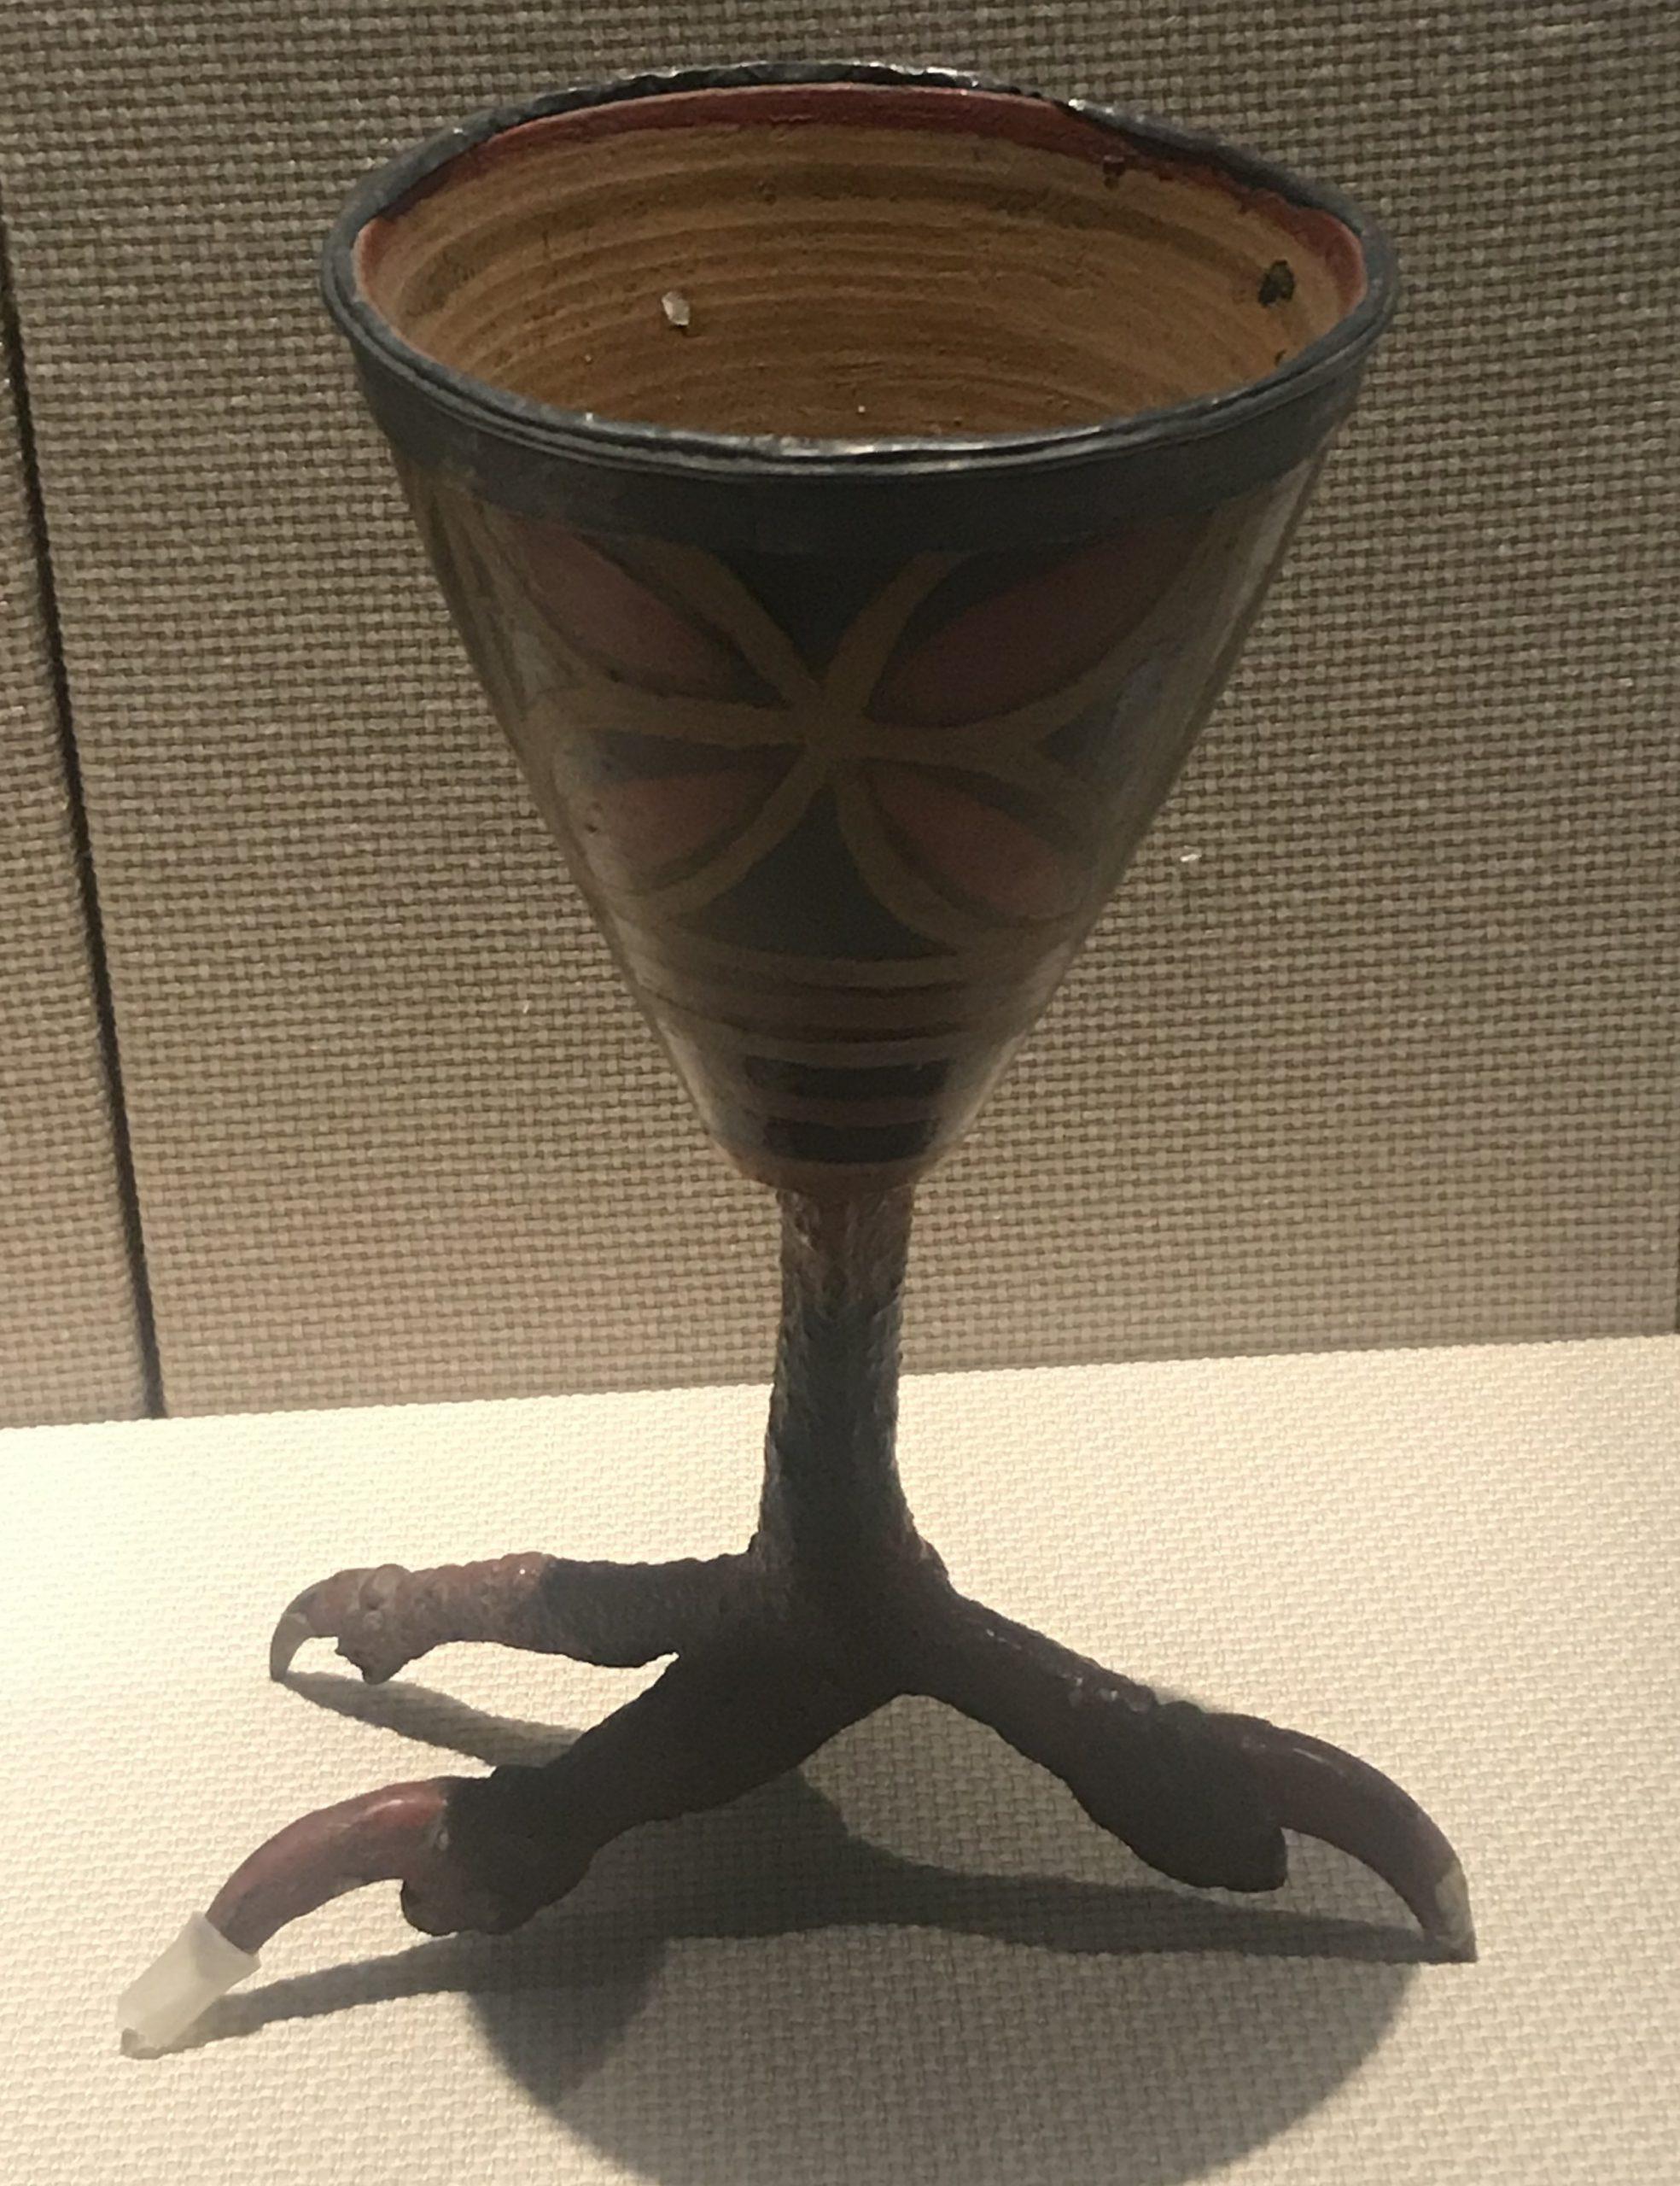 銀扣彩絵鷹爪足漆杯-彜族漆器-四川民族文物館-四川博物館-成都